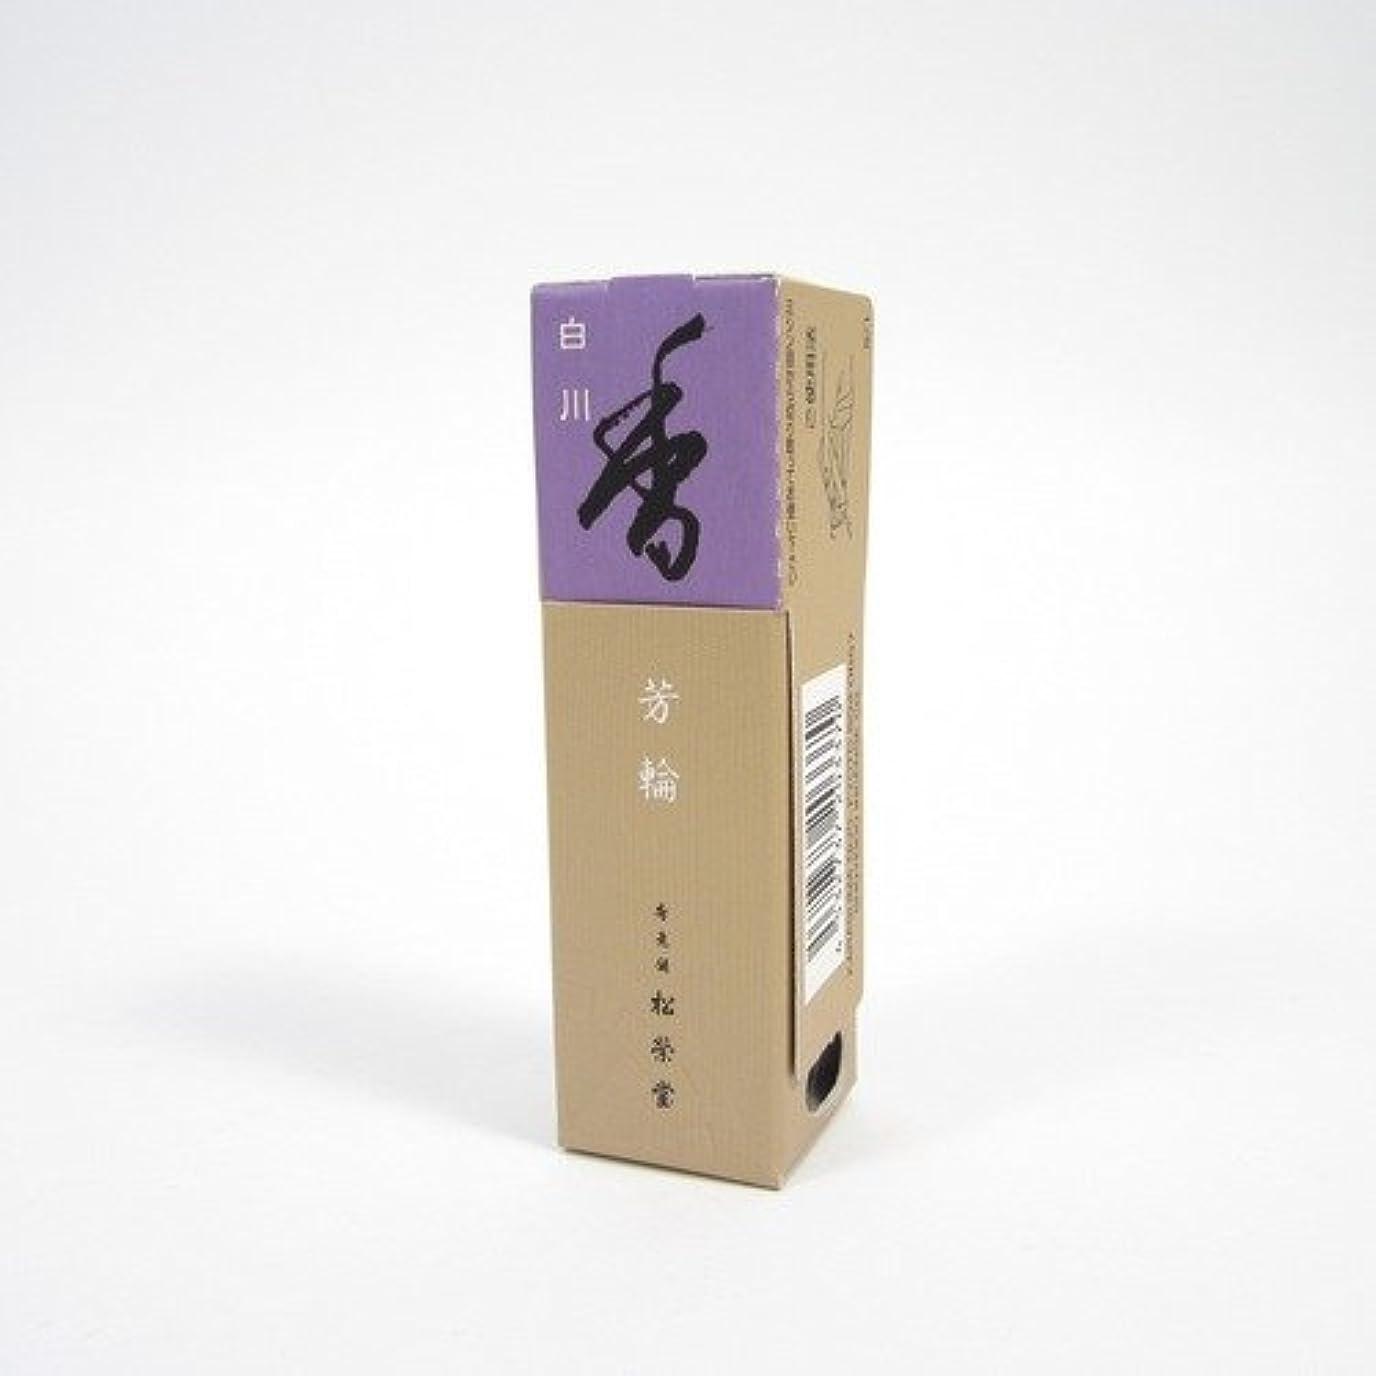 湿気の多い品種治す松栄堂のお香 芳輪白川 ST20本入 簡易香立付 #210623